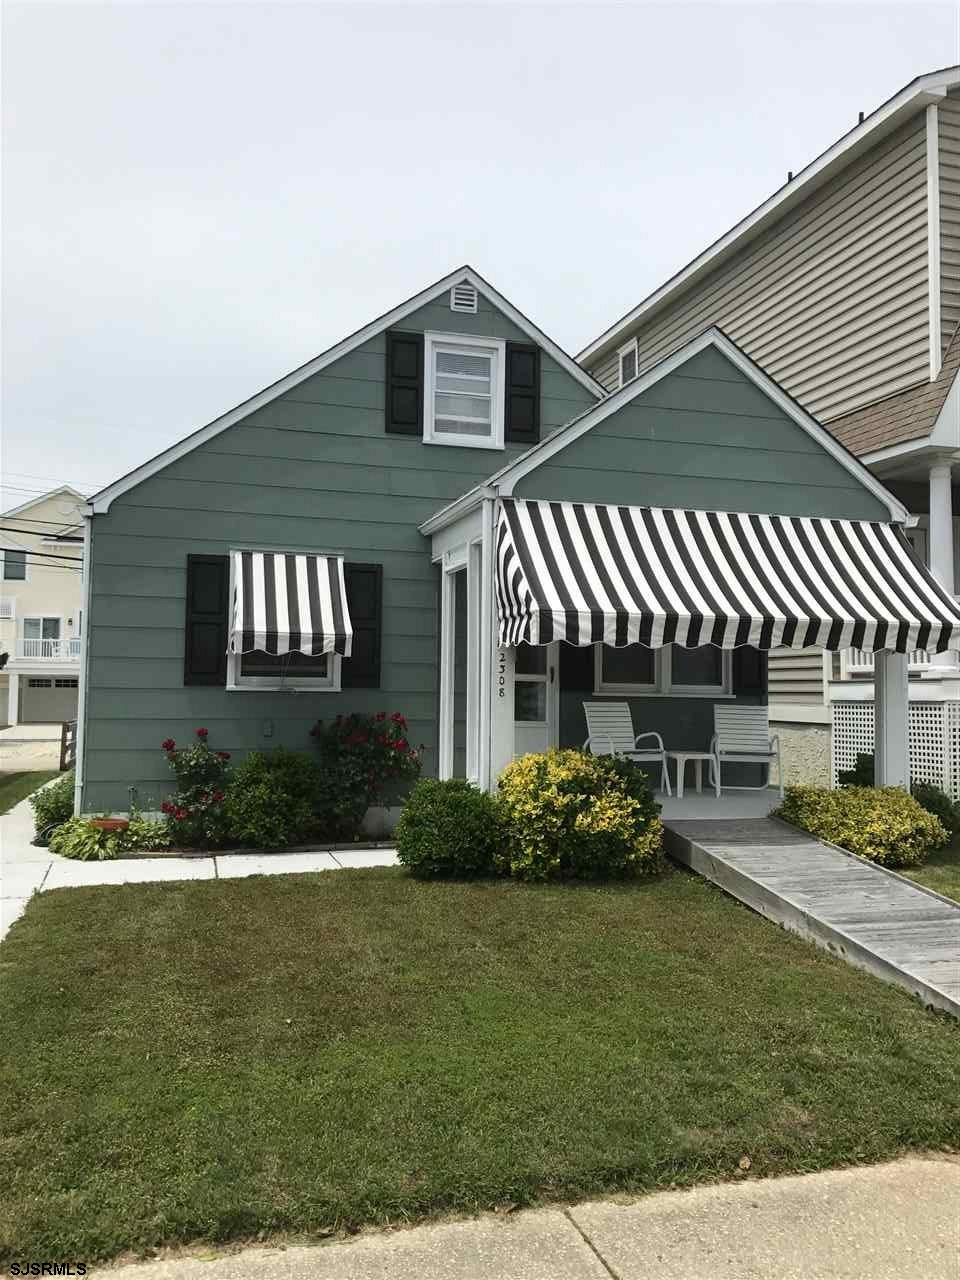 marragency com – Ocean City, NJ Vacation Rentals & Sales